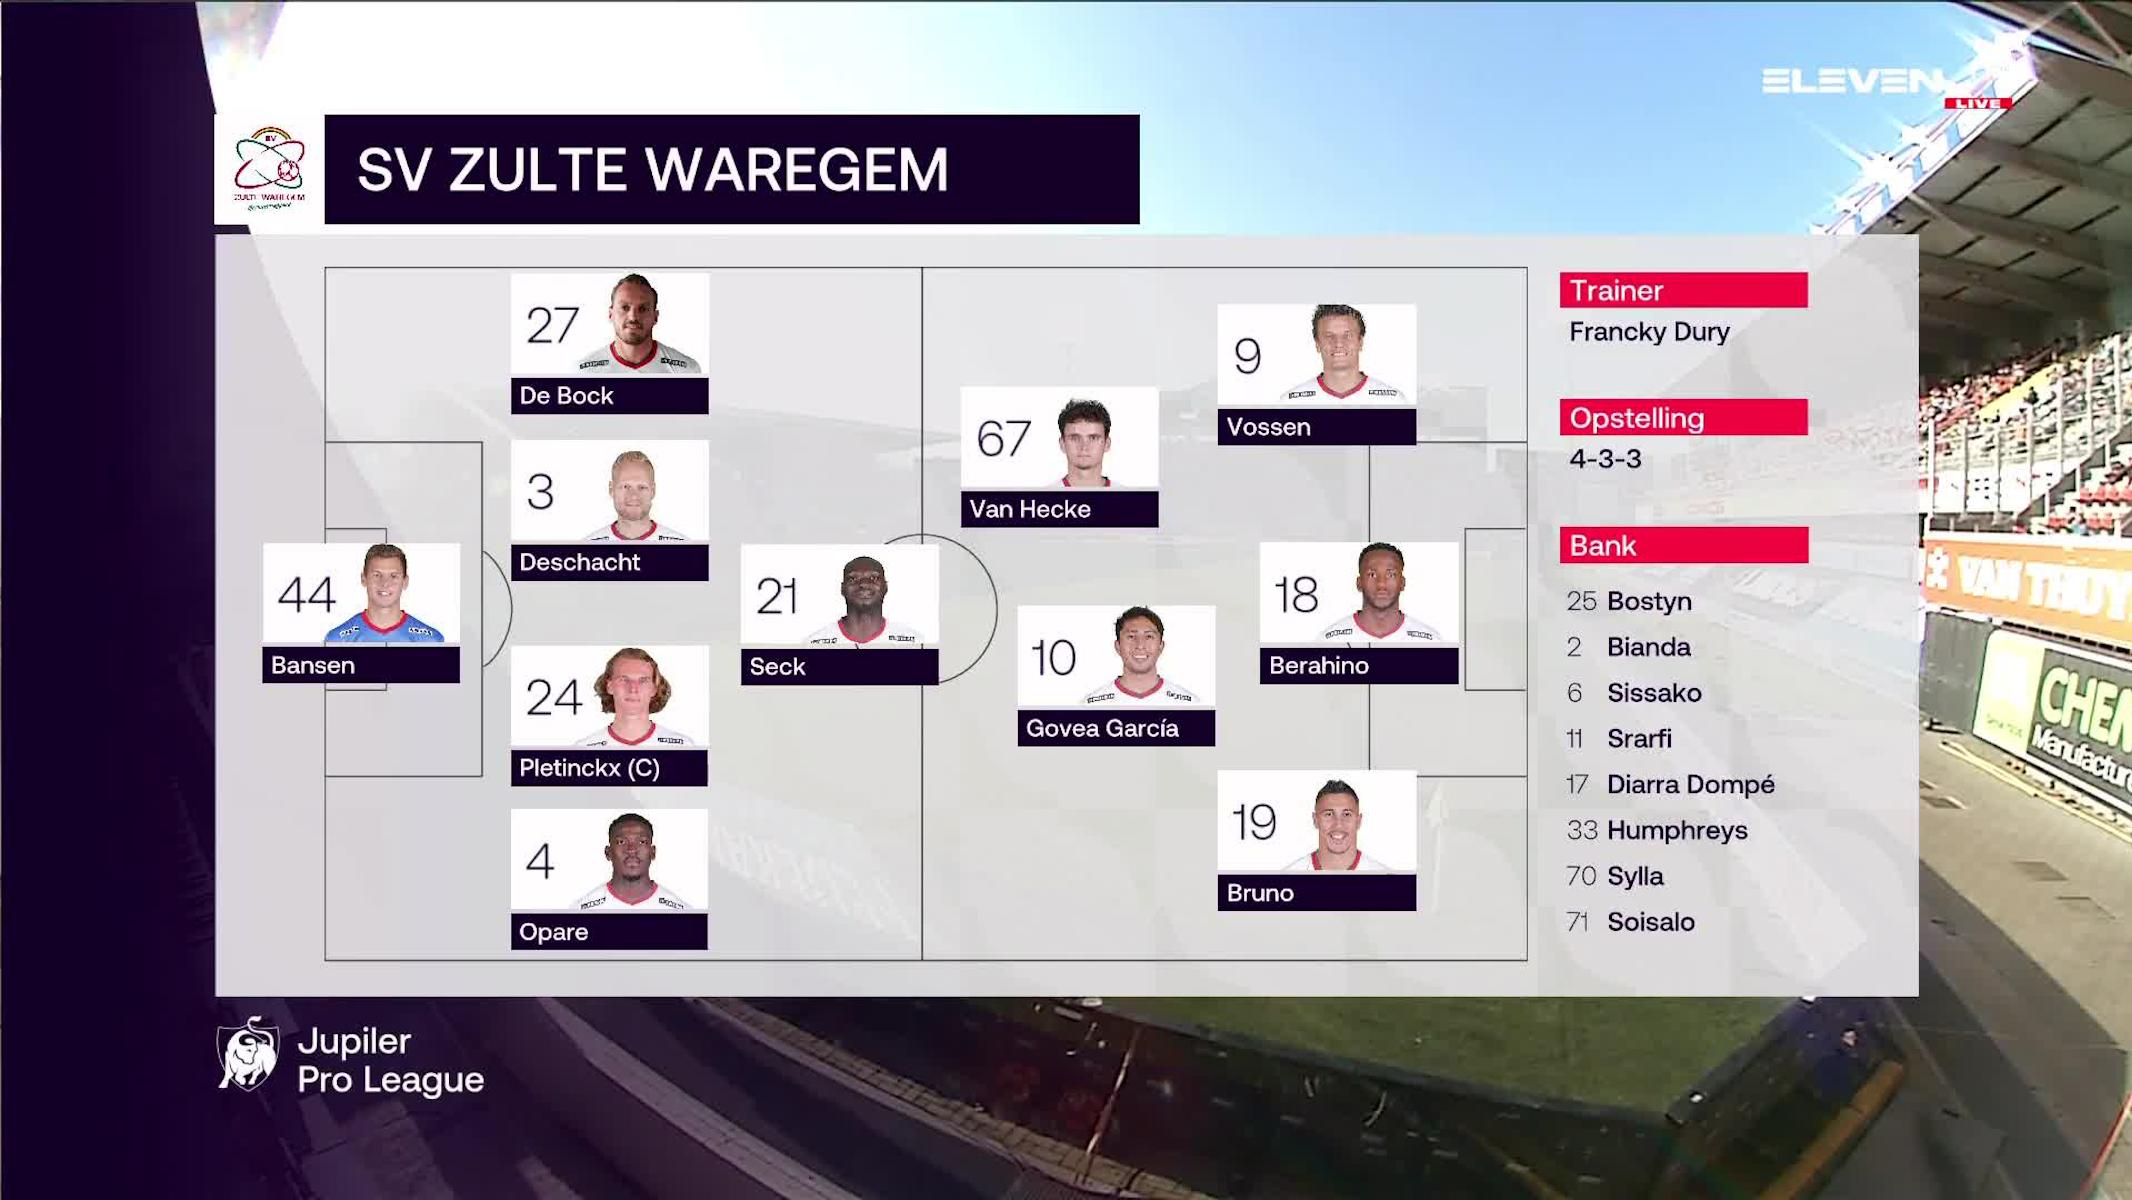 Samenvatting SV Zulte Waregem vs. Sporting Charleroi